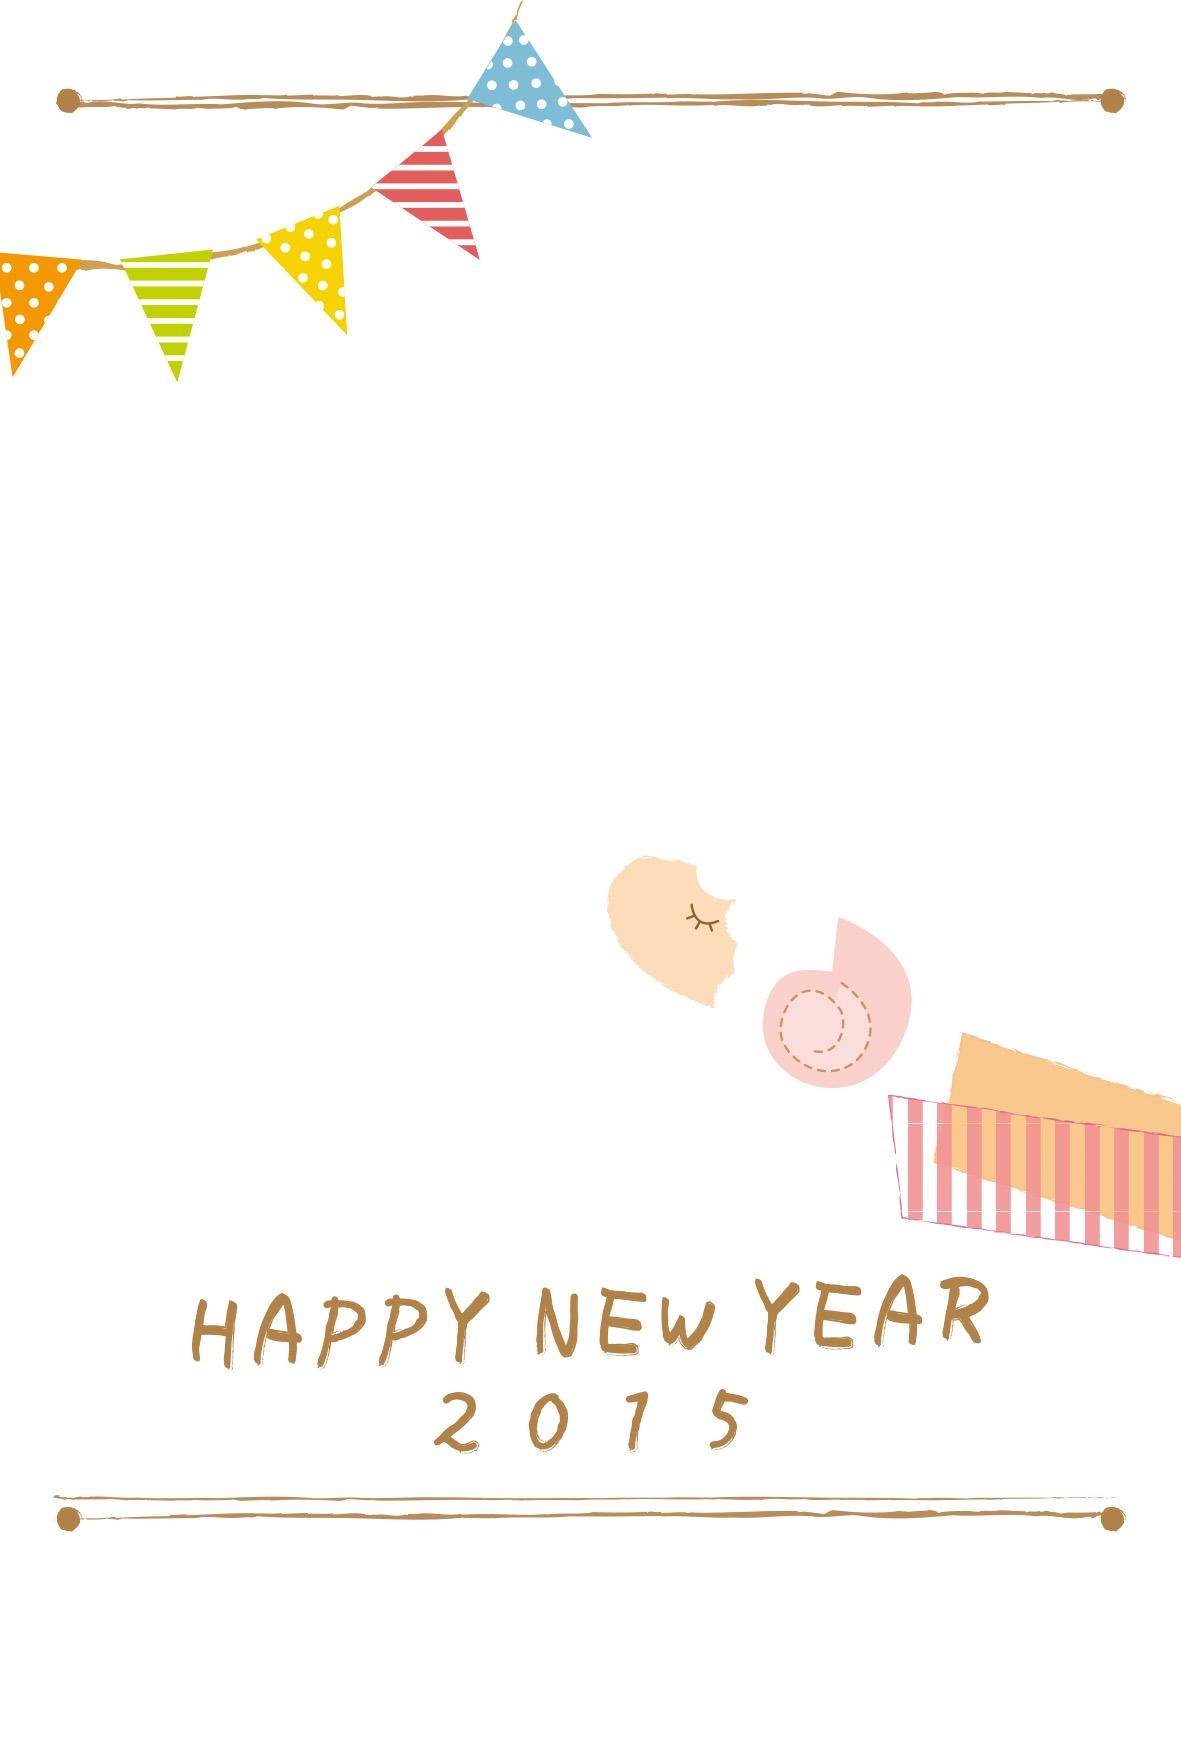 ふわふわ羊フレーム - 年賀状2015無料イラスト素材集